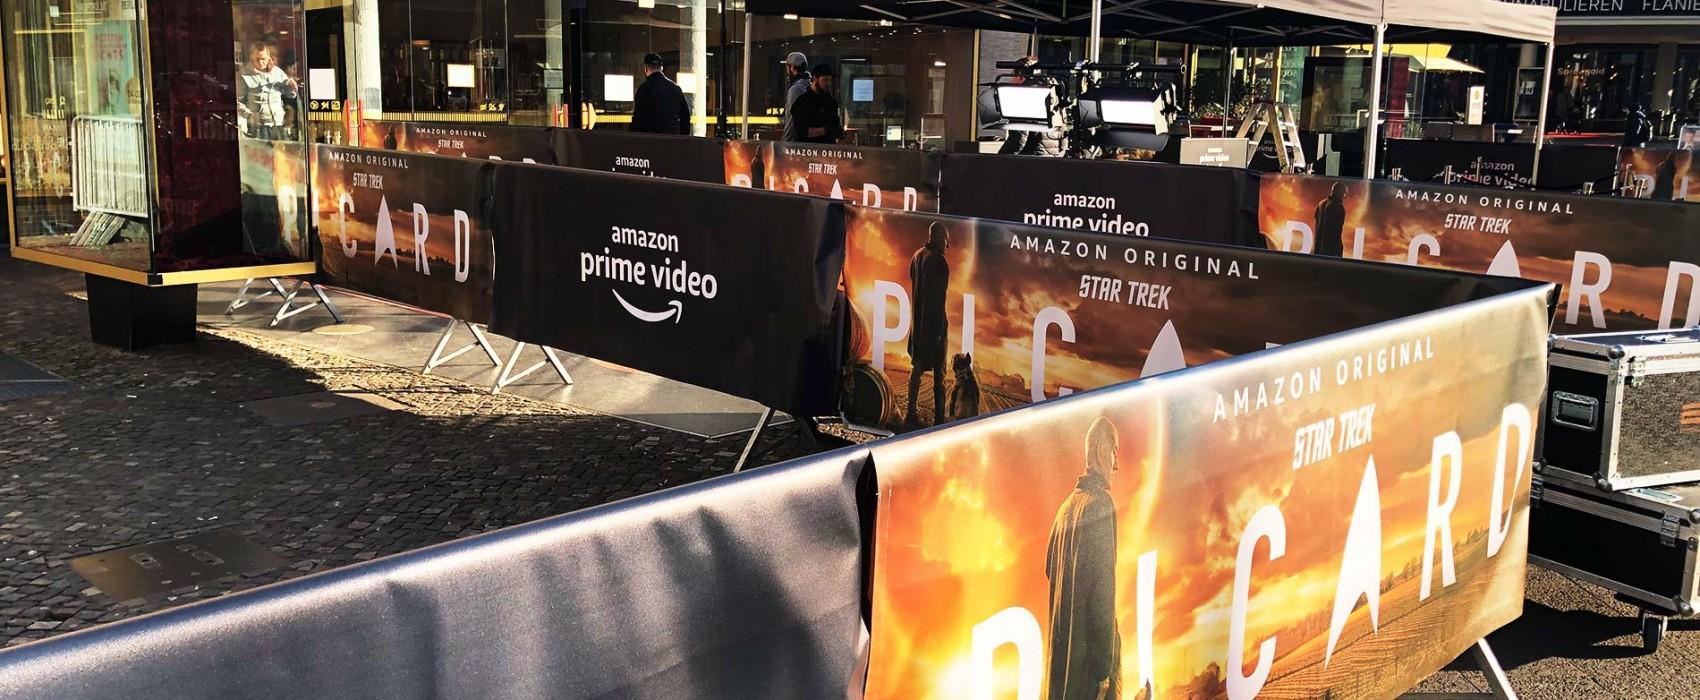 bannerproduktion-amazon-startrek-picard